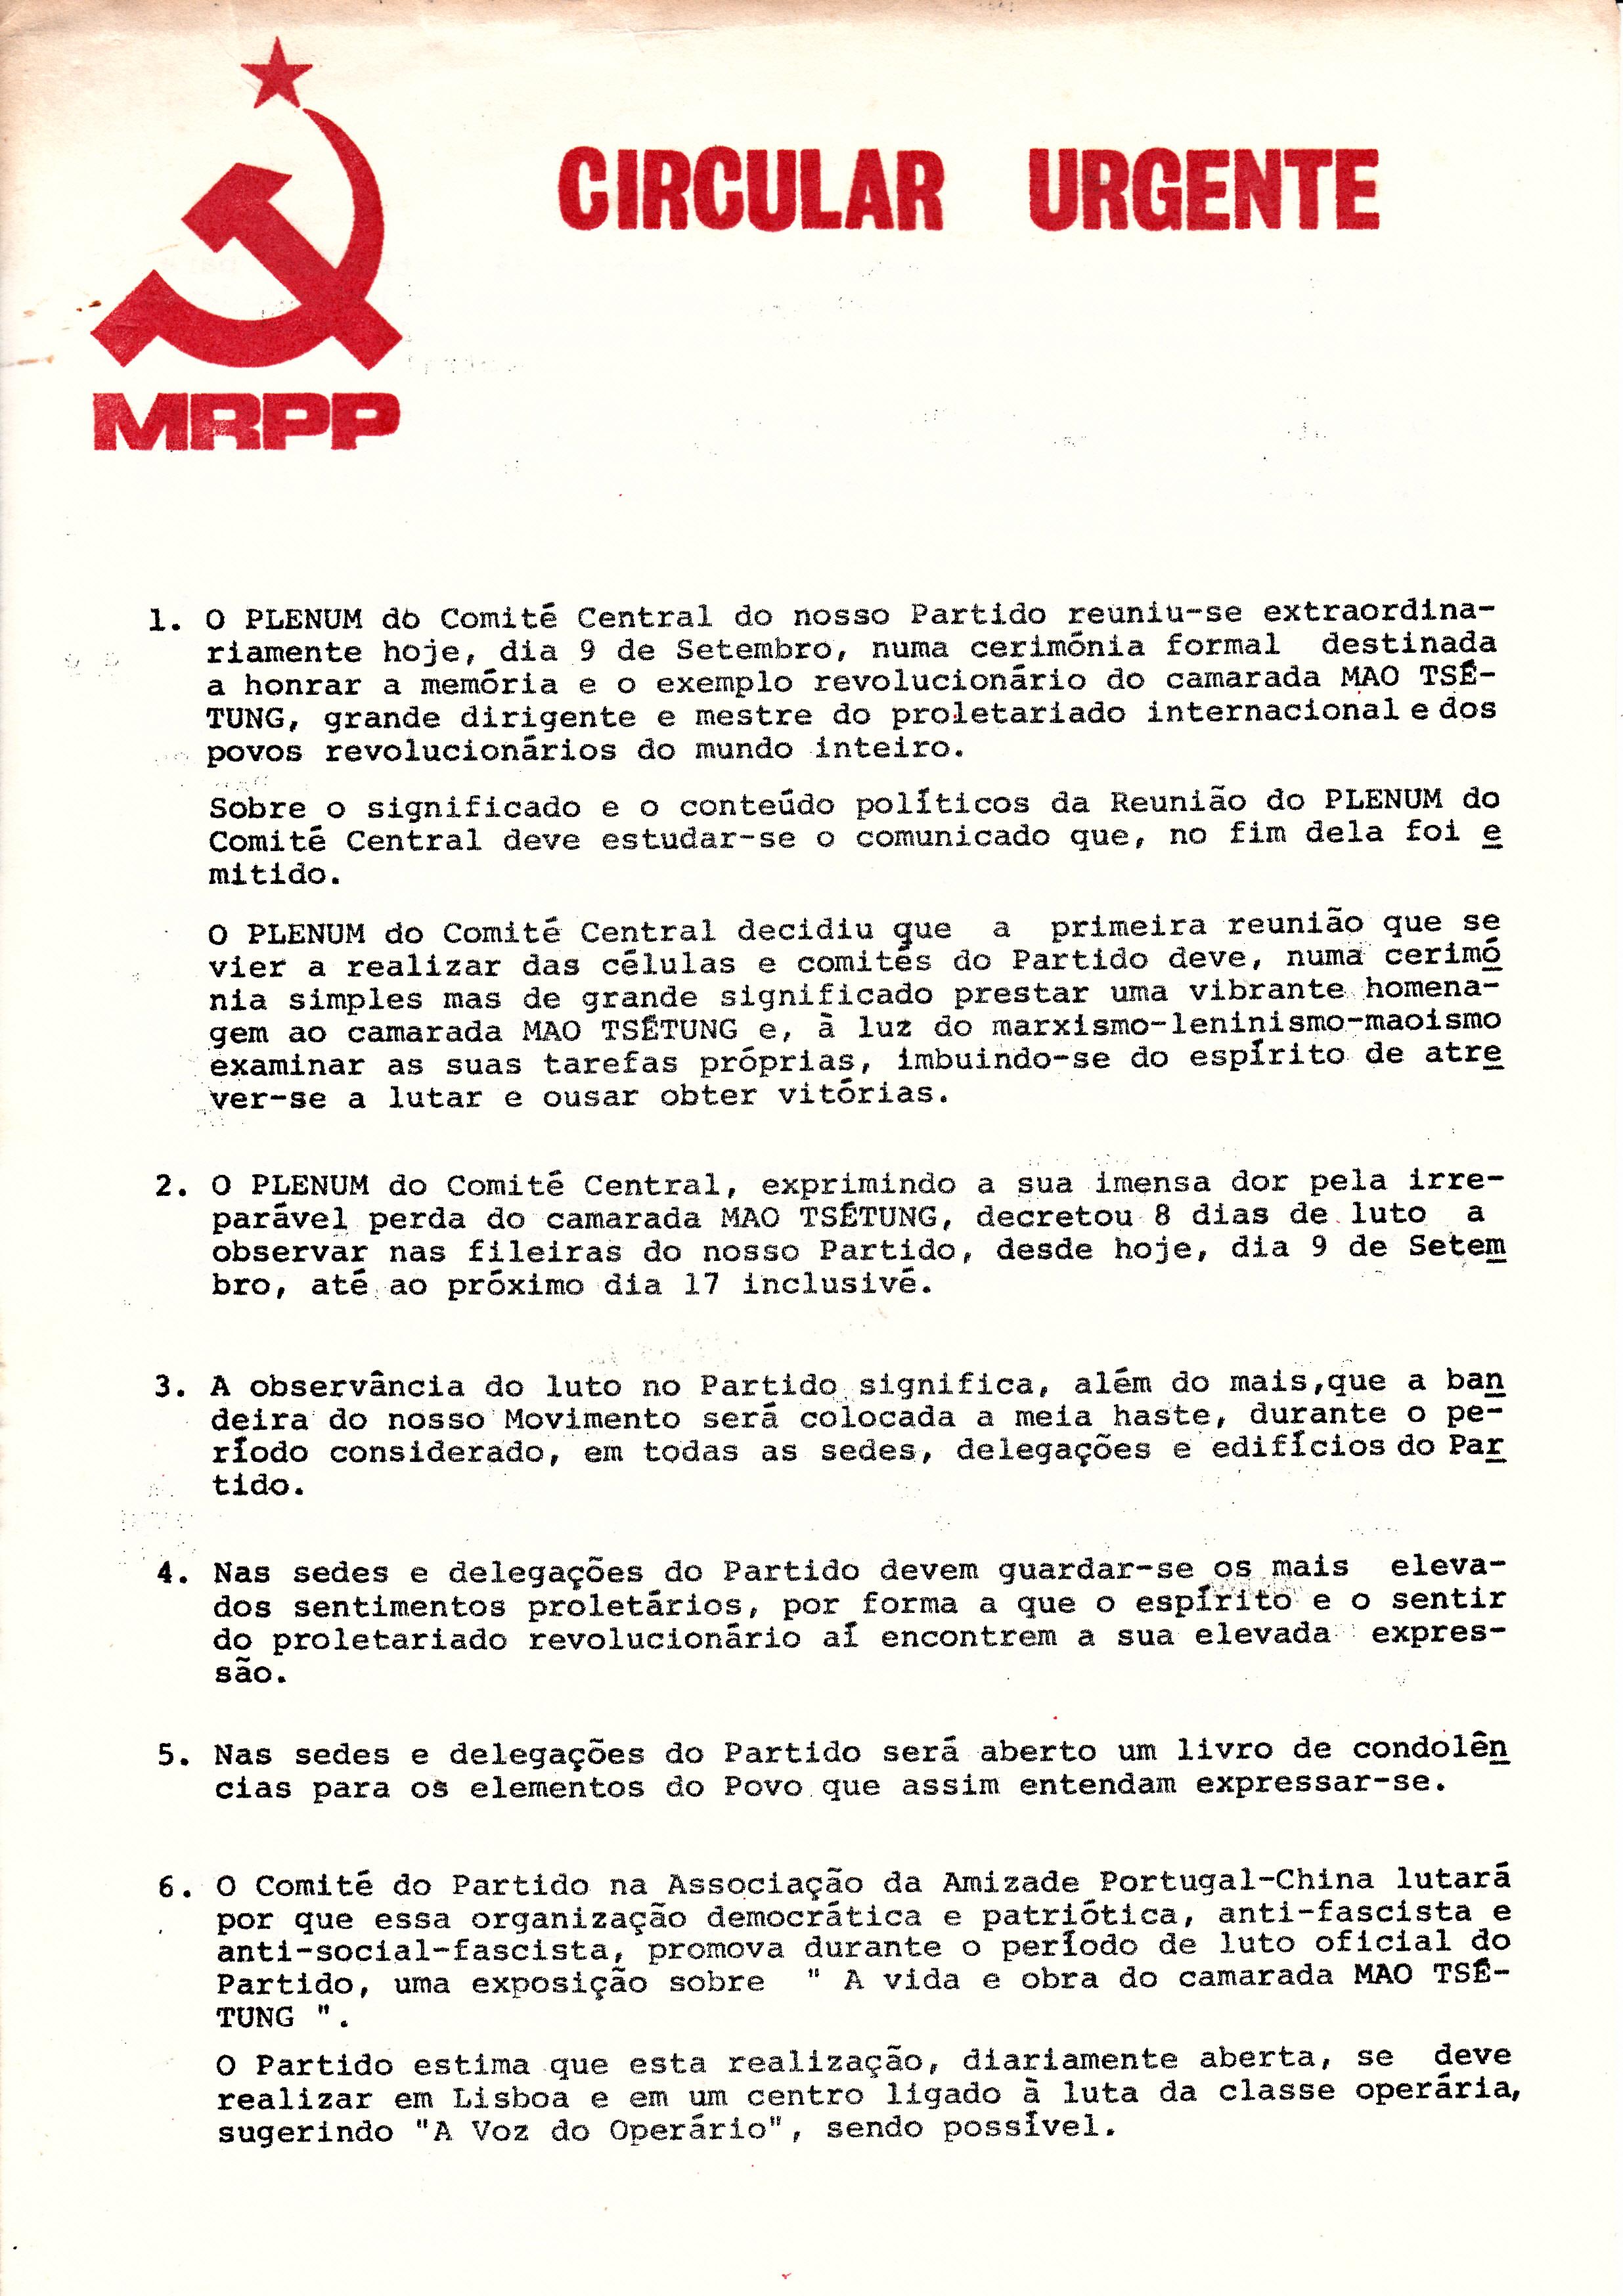 MRPP_1976_09_09_0001